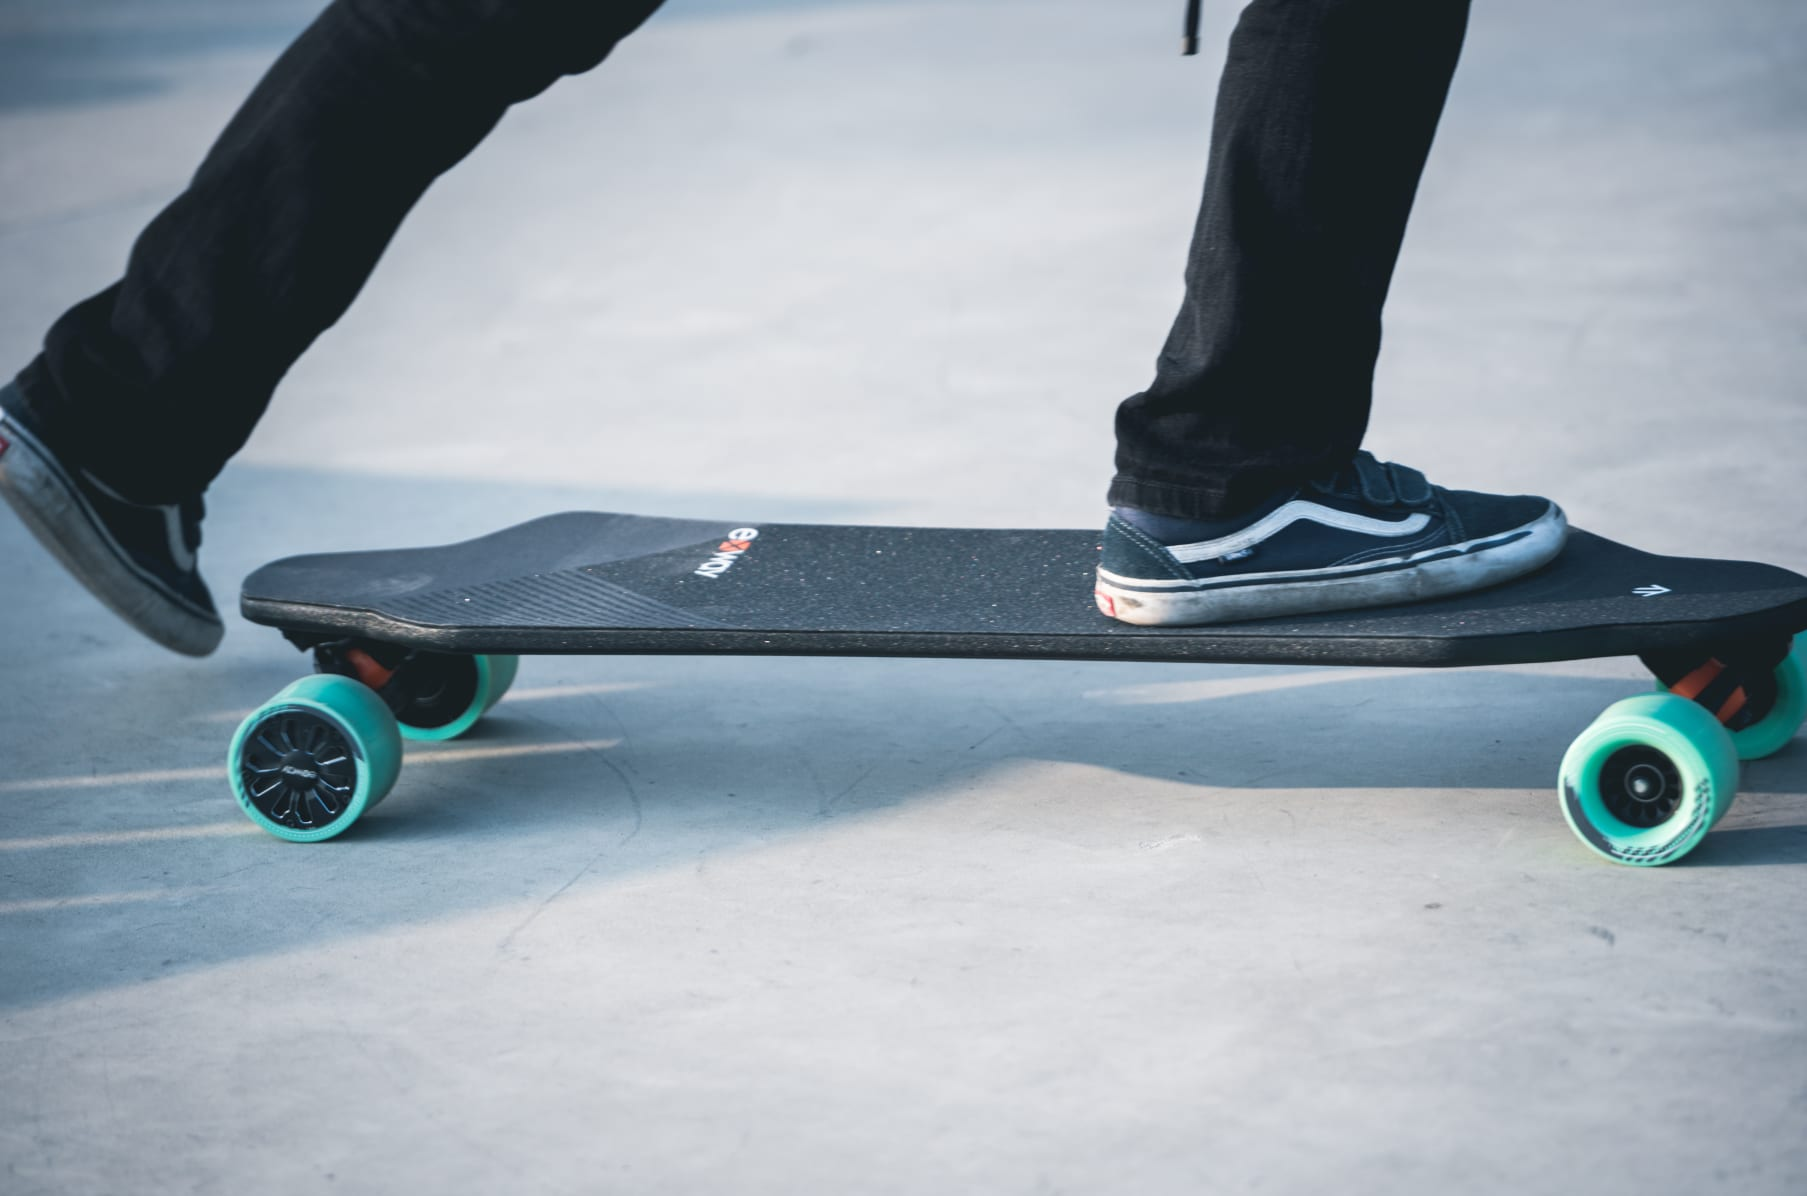 Exway Fully Customizable Electric Skateboards Indiegogo